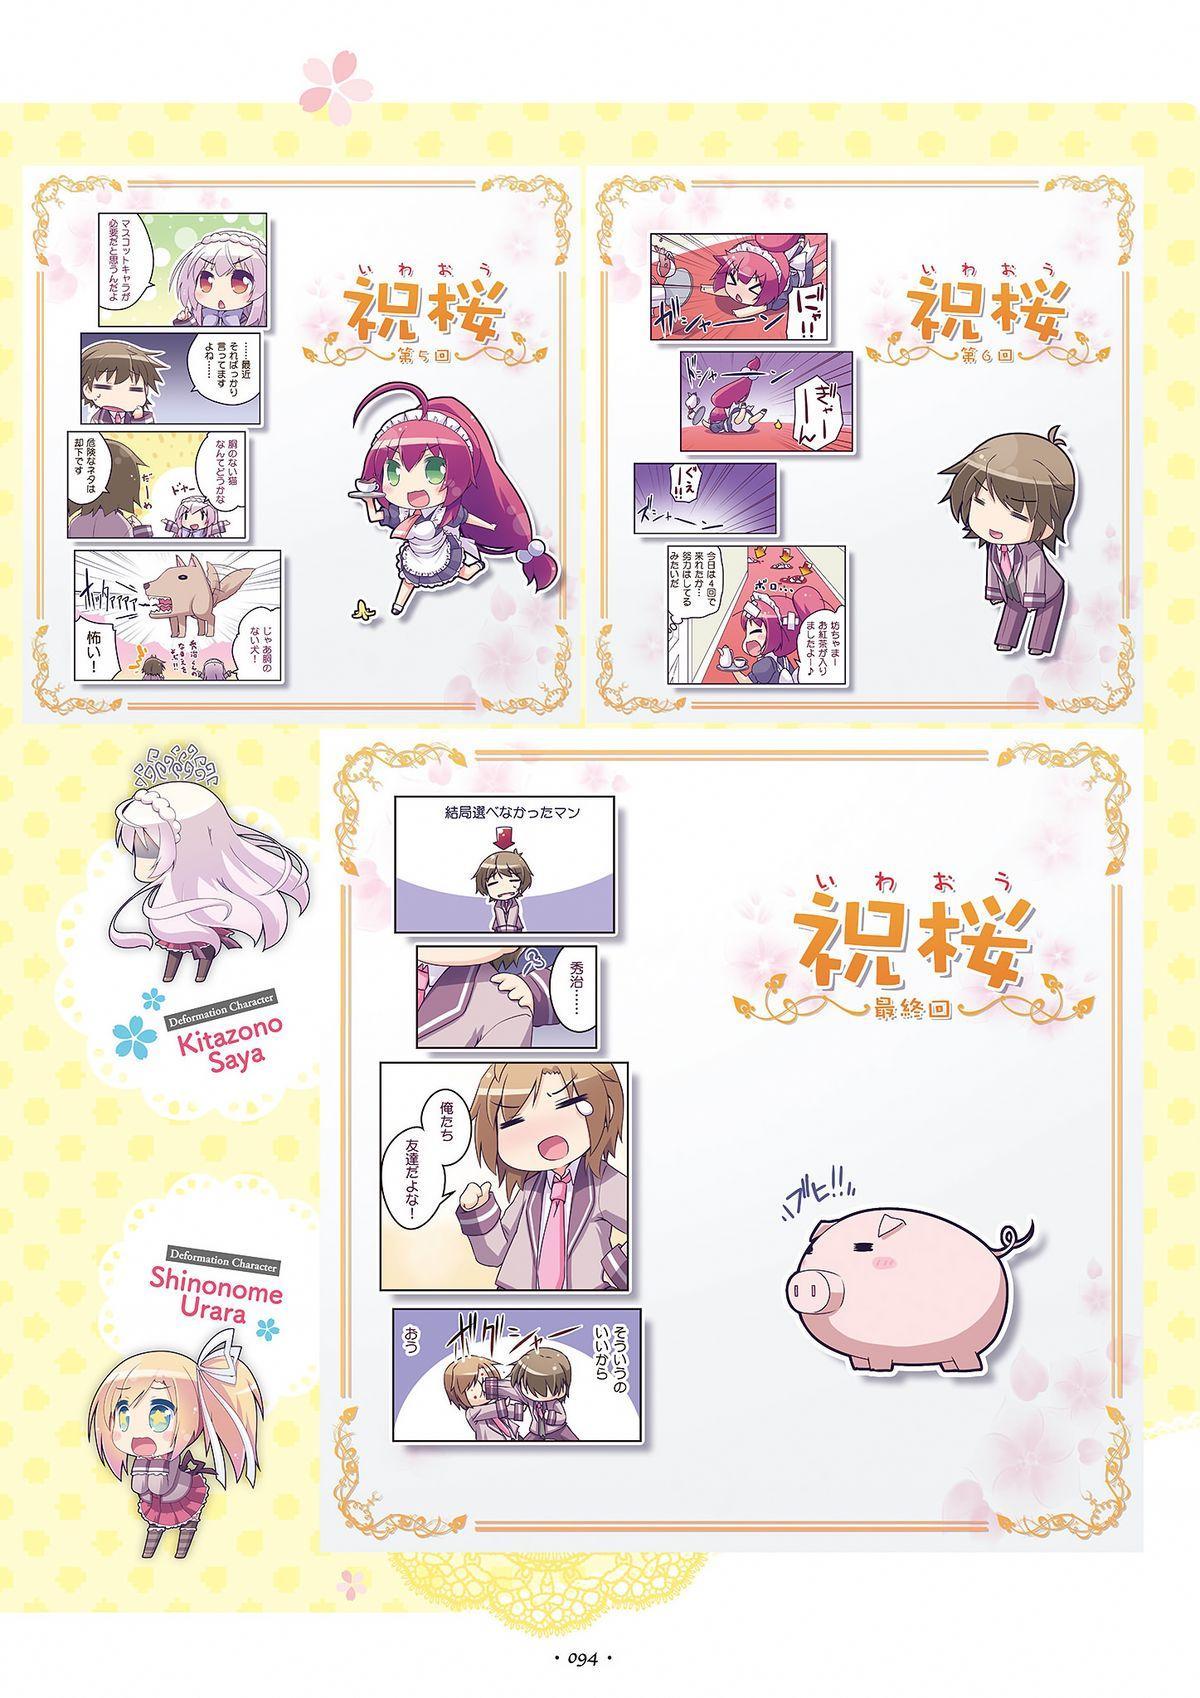 Shukufuku no Kane no Oto wa, Sakura-iro no Kaze to Tomo ni Visual Fanbook 95